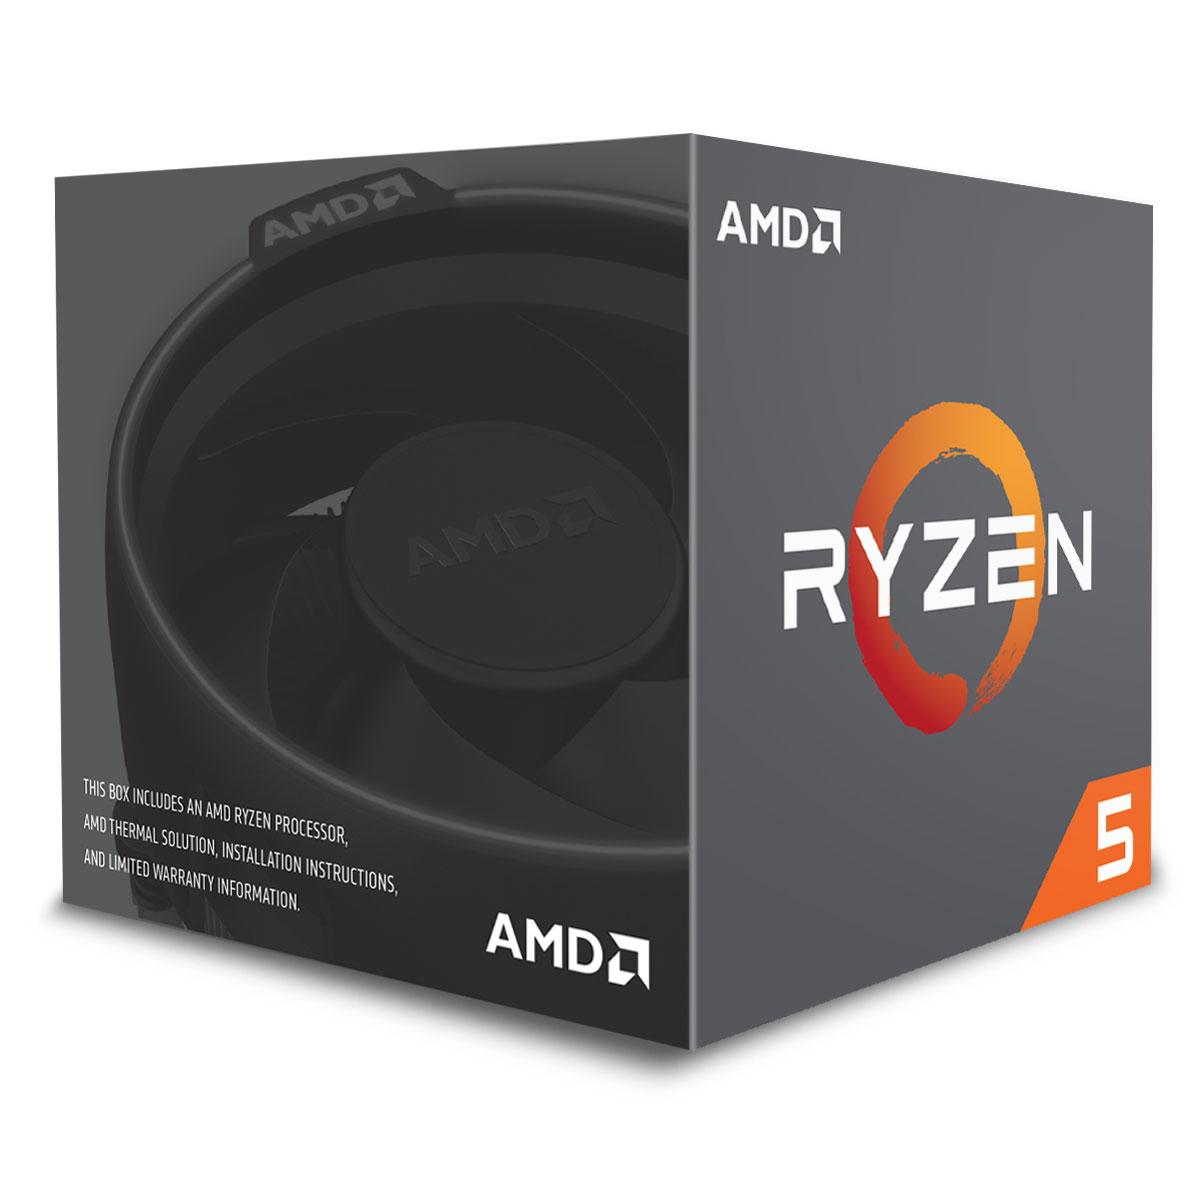 Processeur AMD Ryzen 5 1500X Wraith Spire Edition (3.5 GHz) Processeur Quad Core socket AM4 Cache L3 16 Mo 0.014 micron TDP 65W avec système de refroidissement (version boîte - garantie constructeur 3 ans)